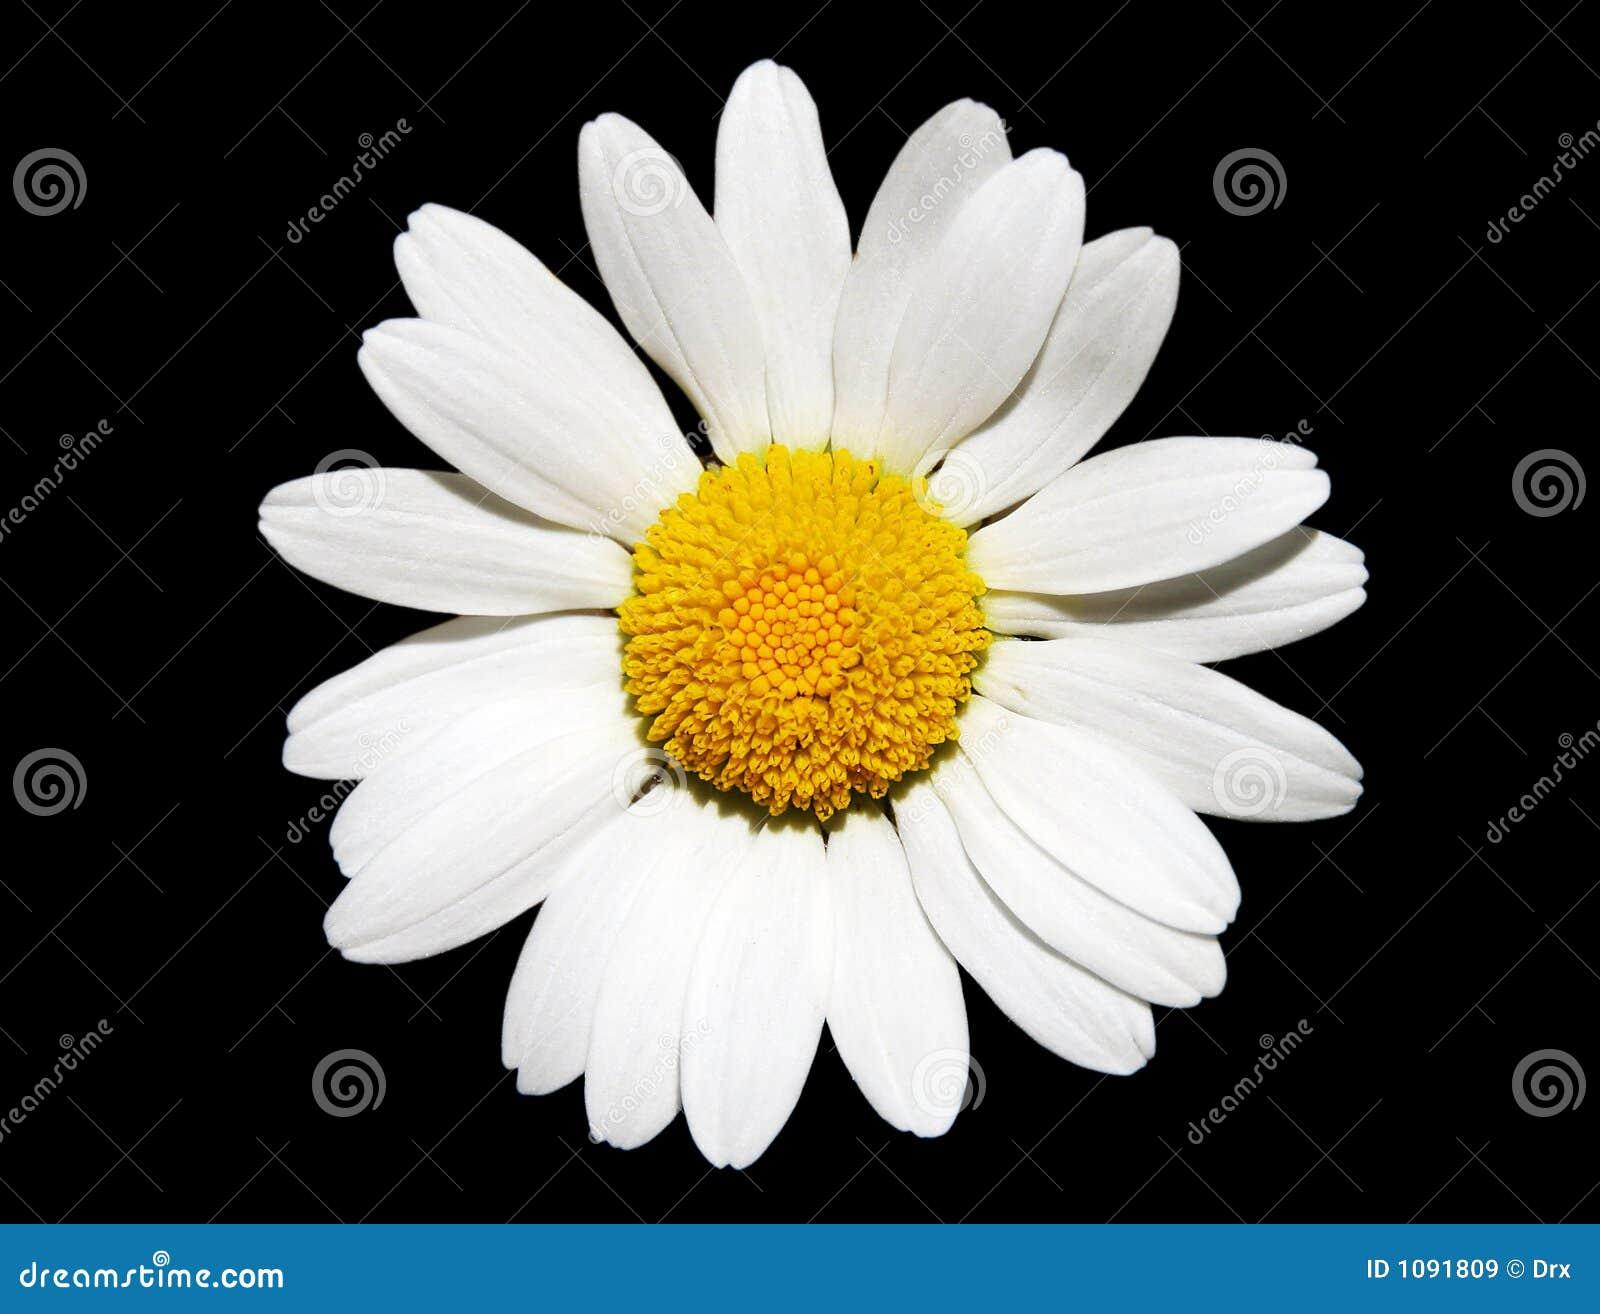 Fleur de marguerite blanche images libres de droits - Image fleur marguerite ...